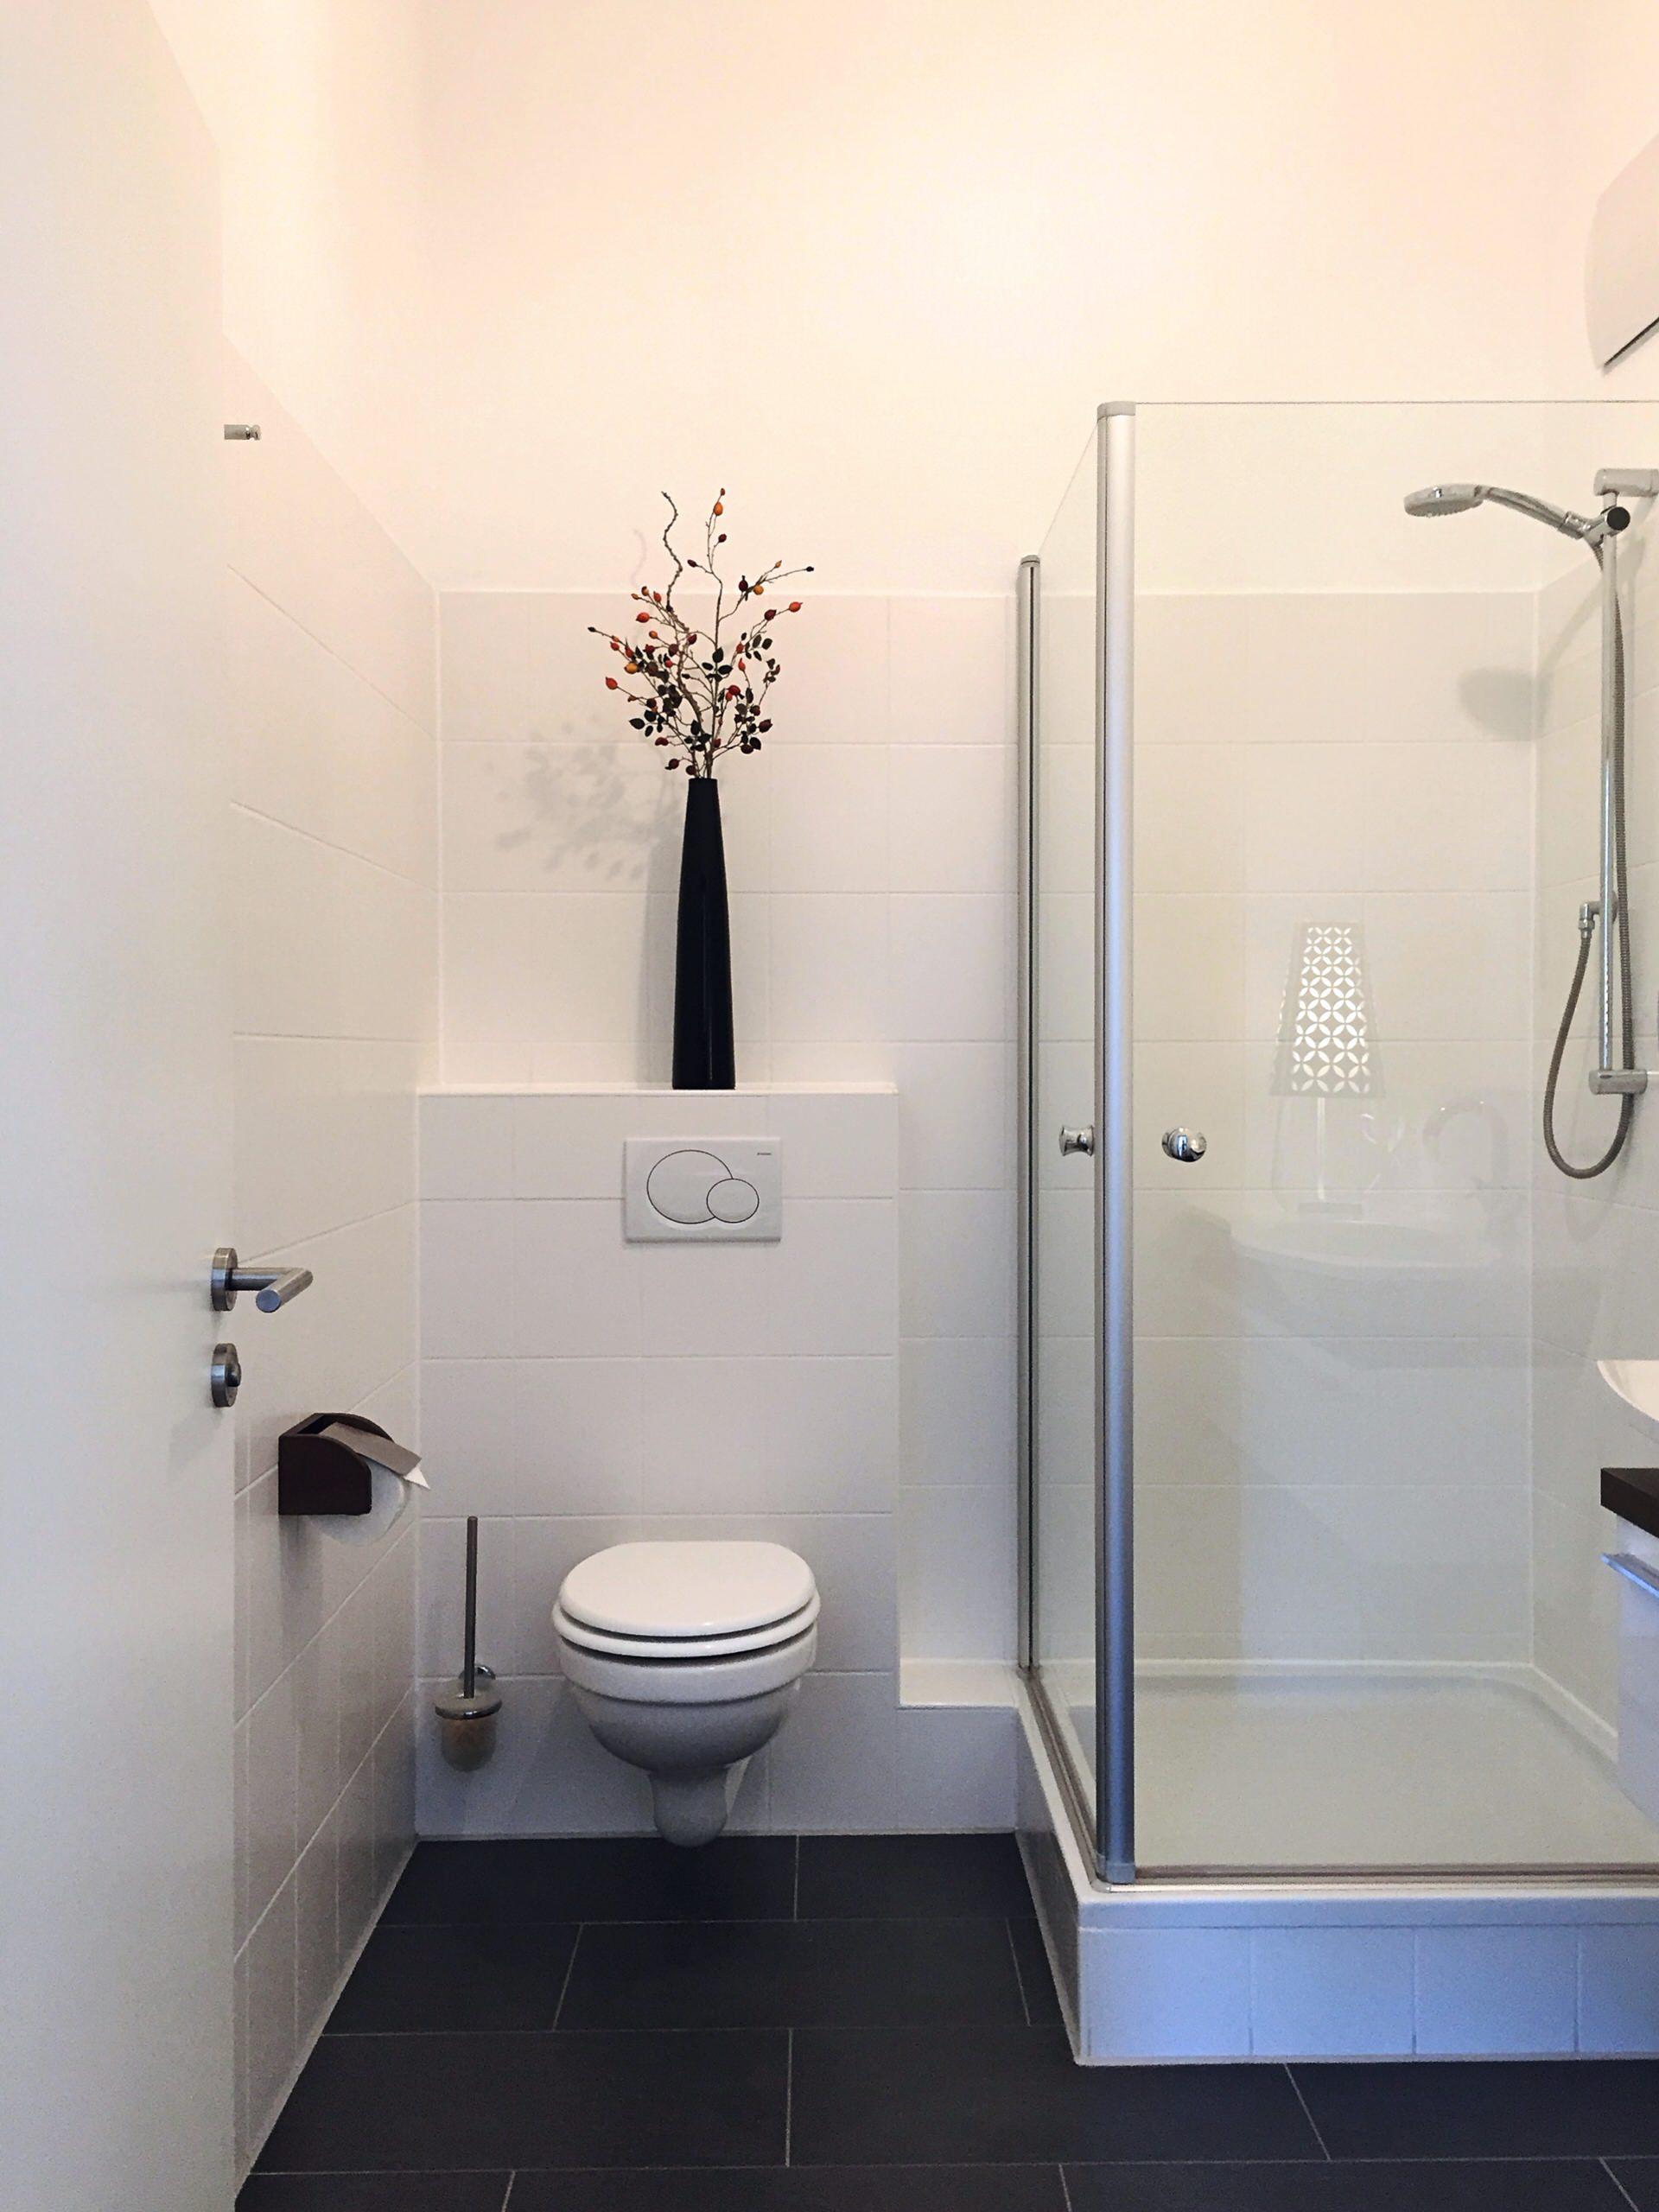 Das ehemals dunkle Badezimmer leuchtet in Weiß geradezu